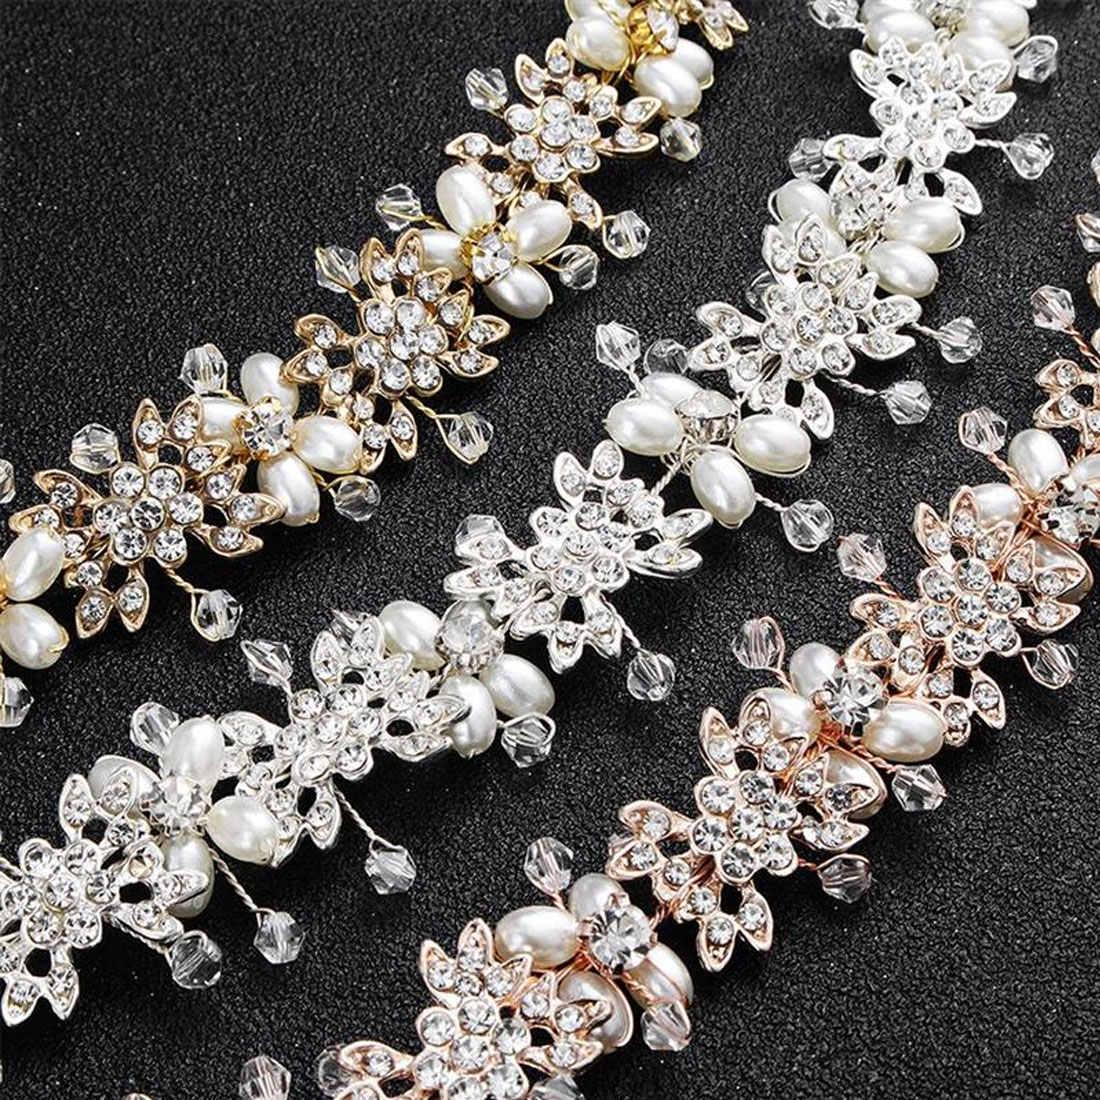 Для невесты и подружек невесты; аксессуары для волос на выпускной вечер Роза Золотое роскошное свадебное платье и повязка на голову с жемчугом волос лозы свадебные головные уборы